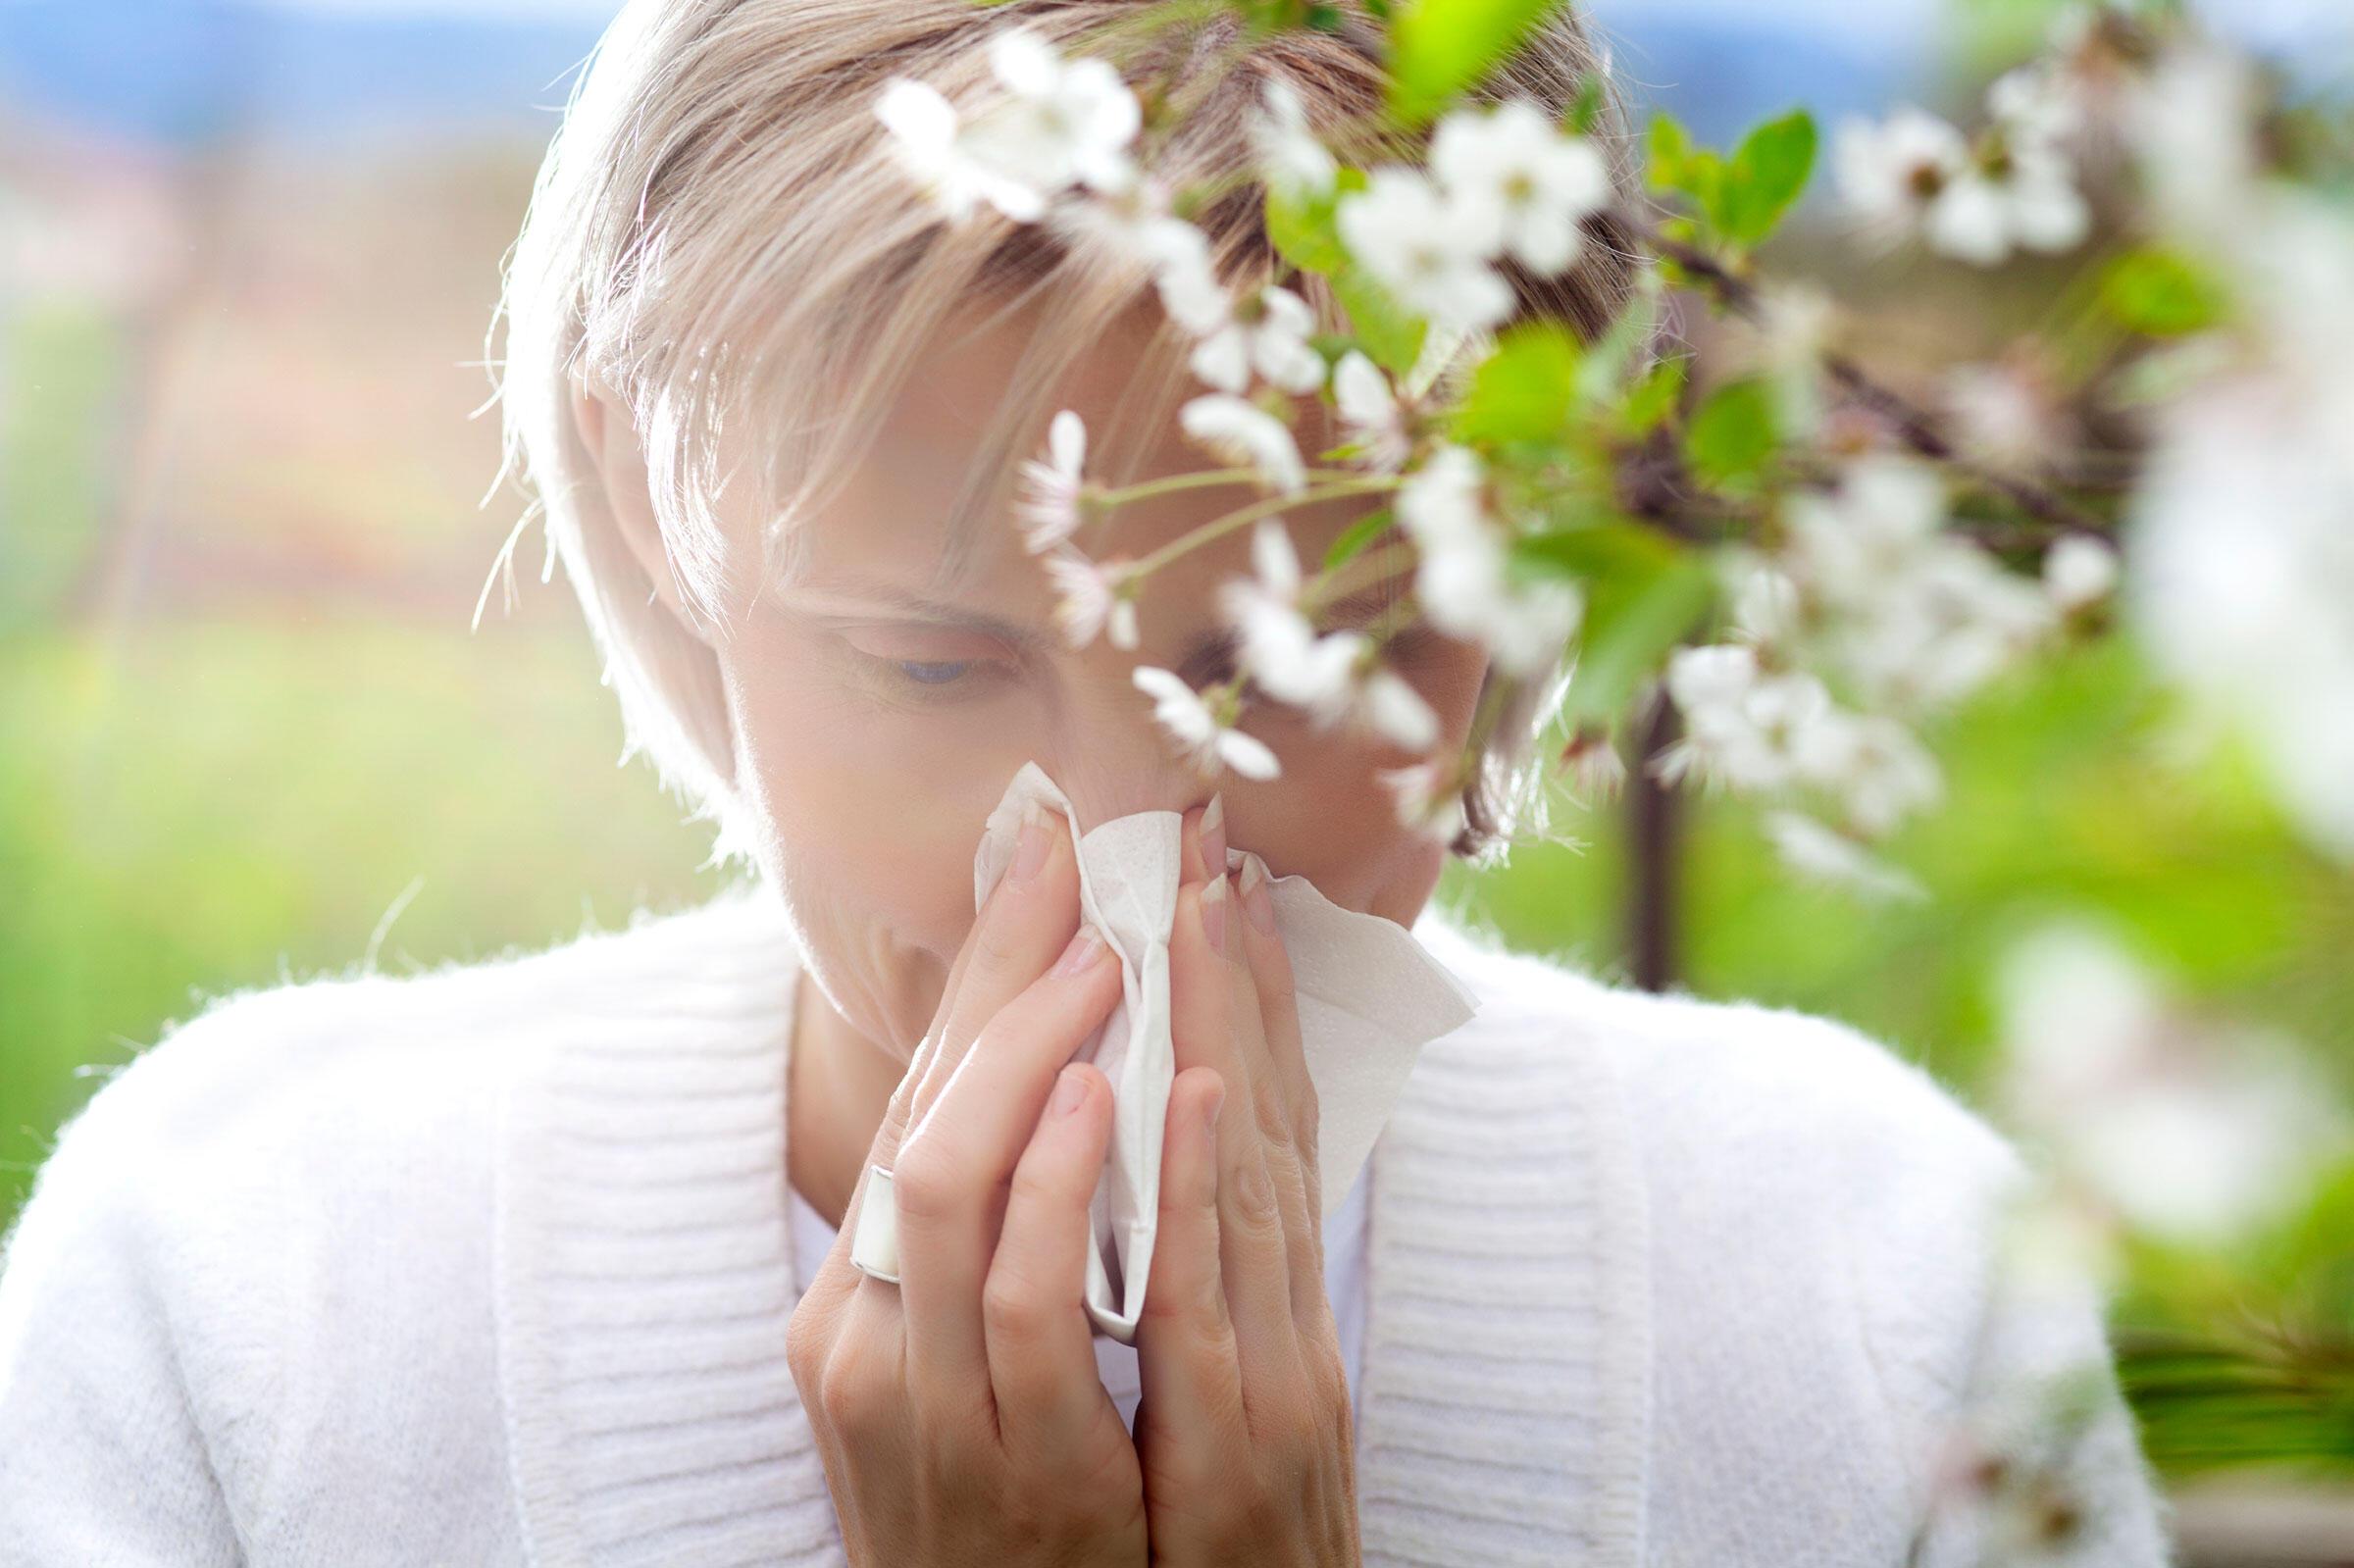 come gestire le allergie primaverili e le allergie stagionali?